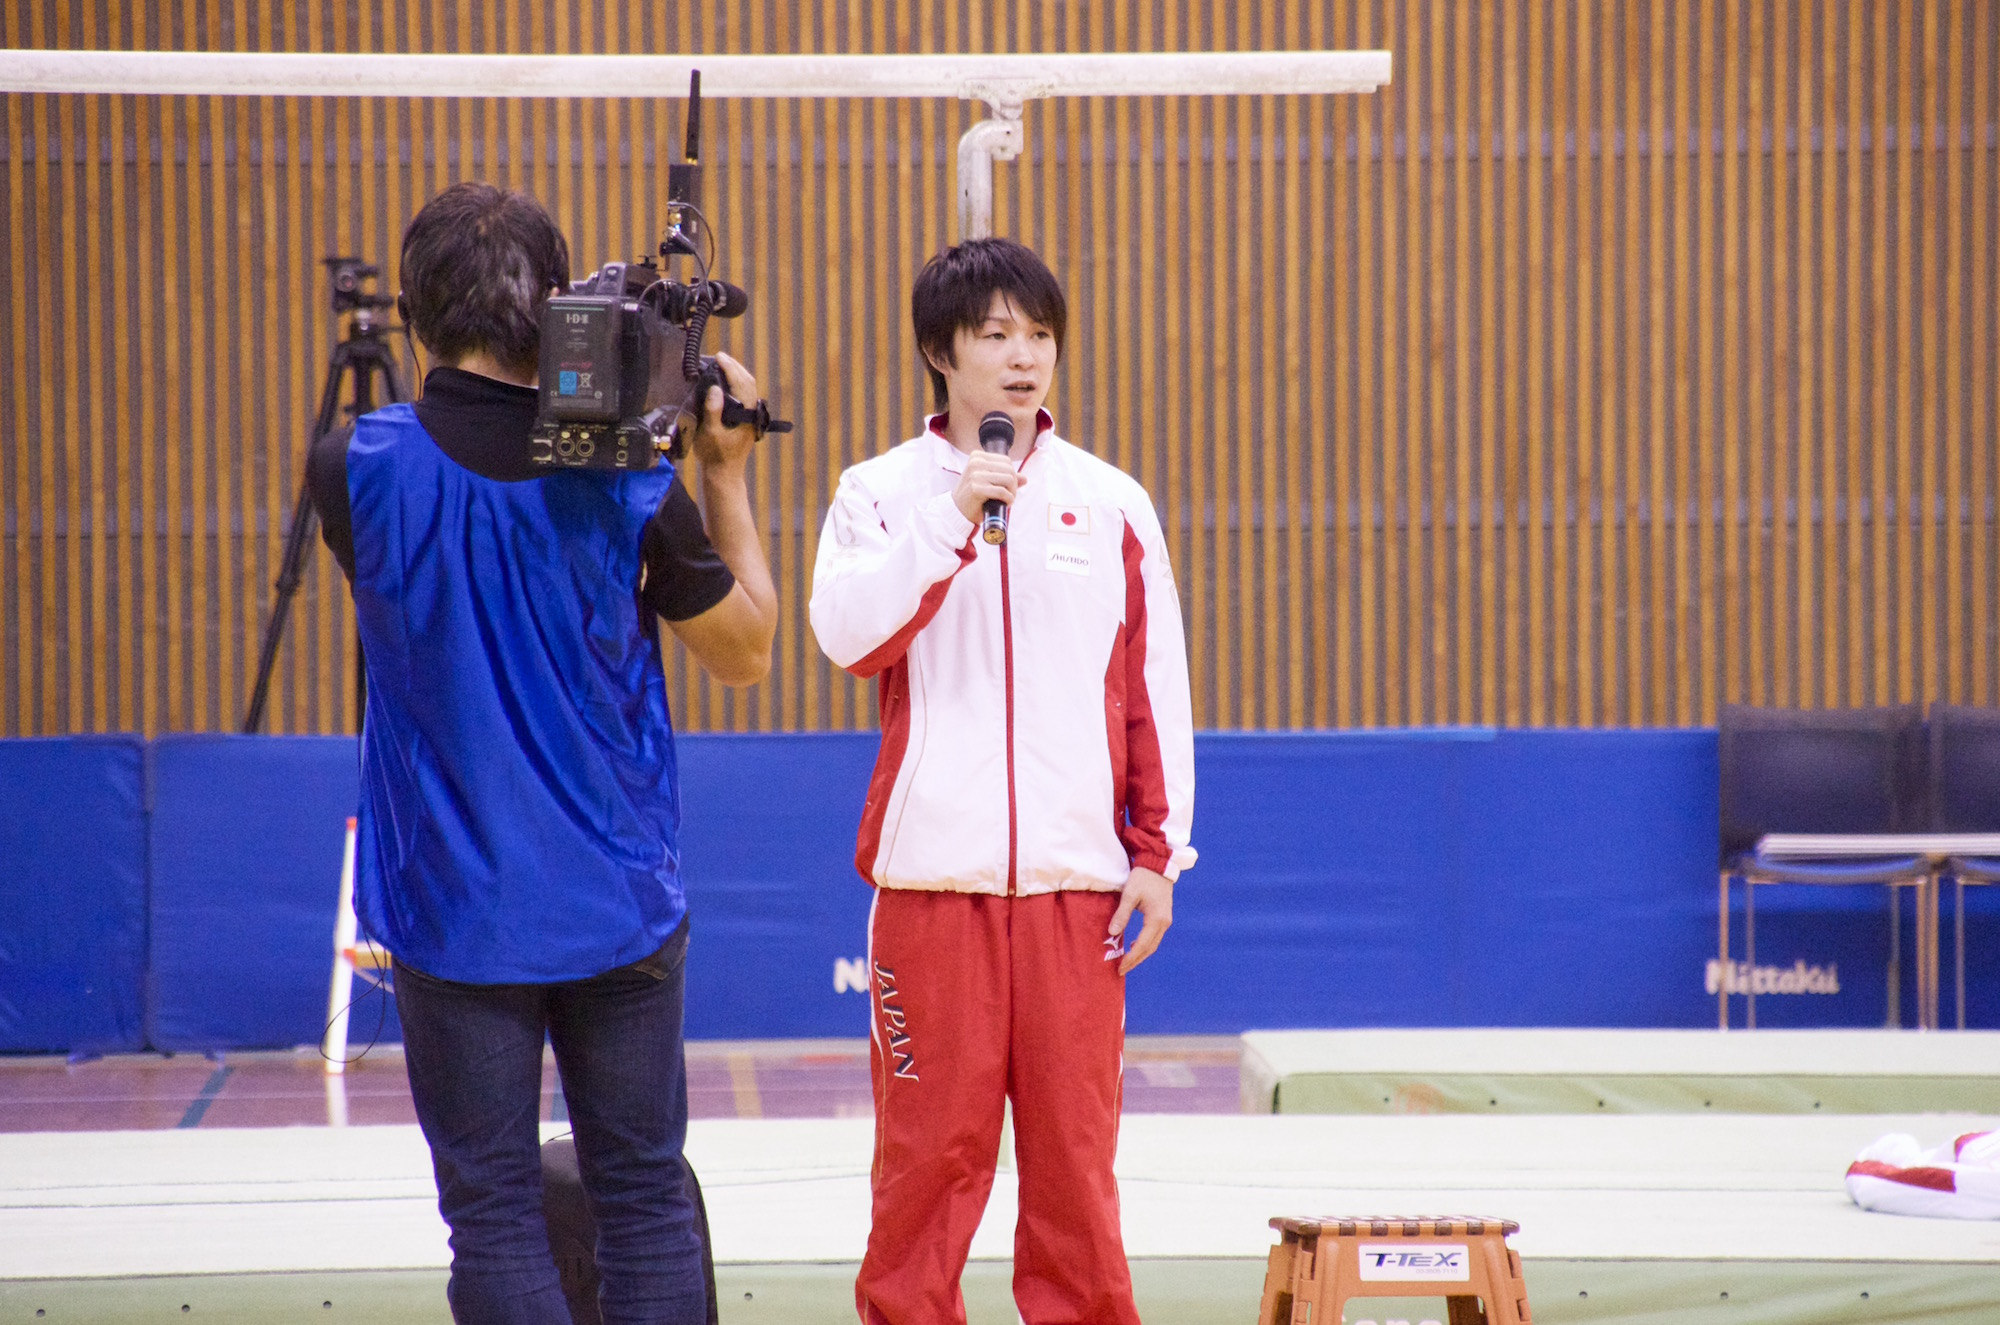 ファンの前で金メダルの報告をした内村。来年はオリンピック金メダリストとして報告したいと意気込みを語った